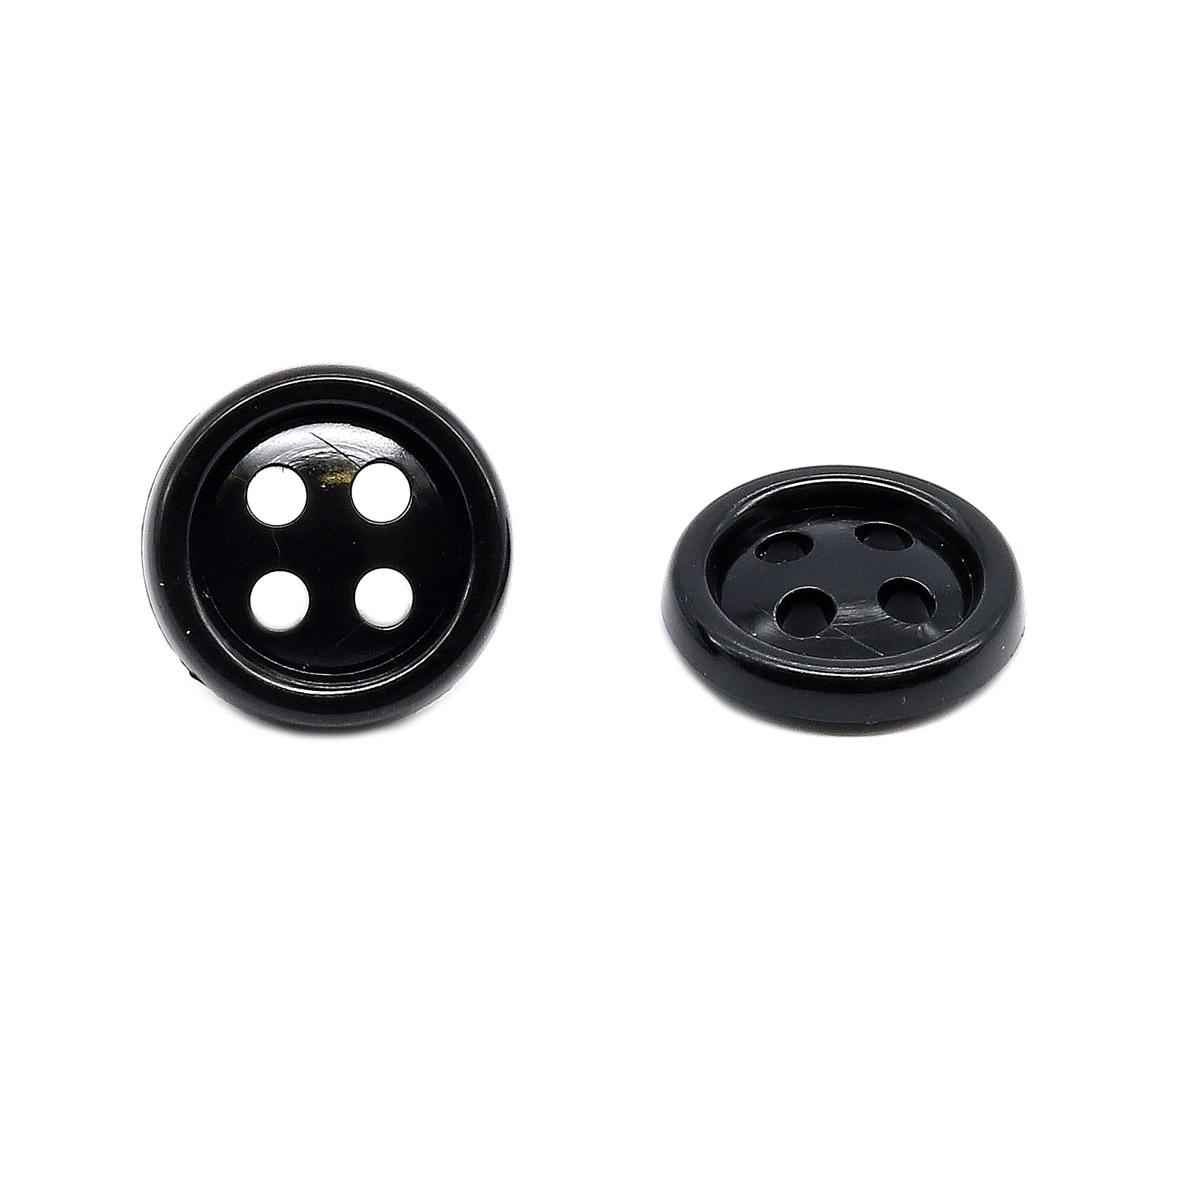 КЛ14-4 Пуговица 14мм, 4пр, ПС, черный